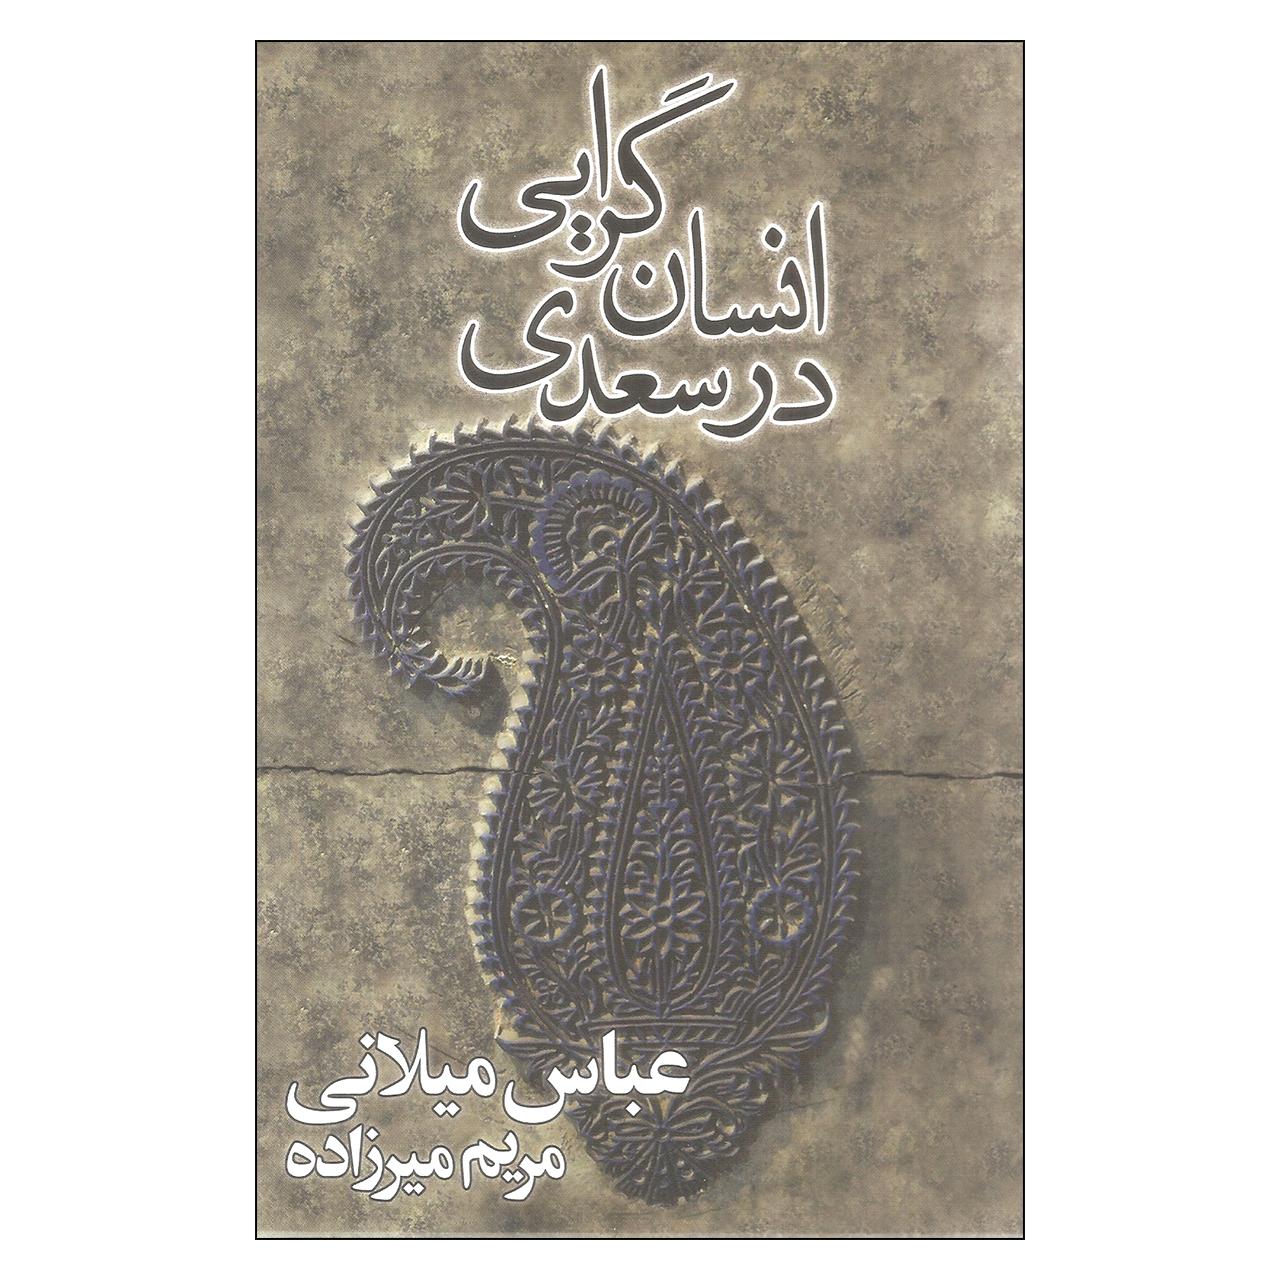 کتاب انسان گرایی در سعدی اثر عباس میلانی انتشارات زمستان